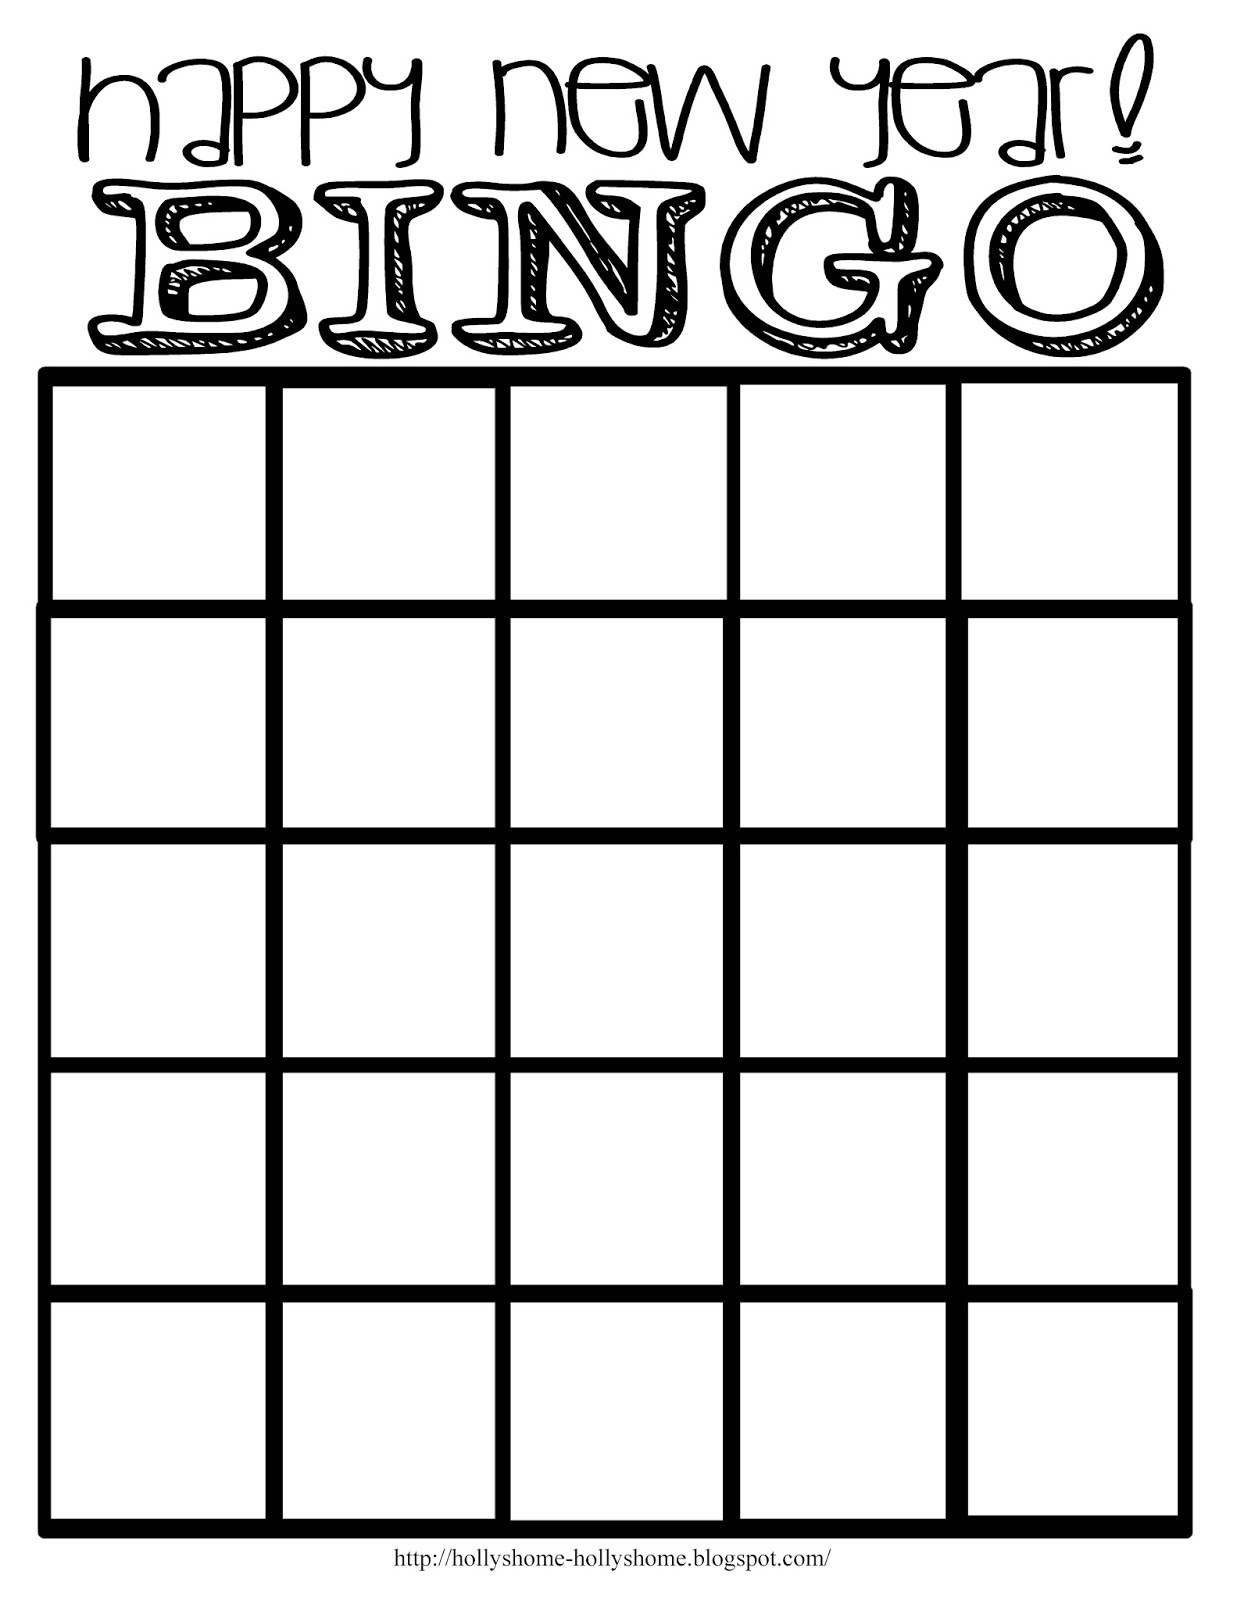 imgenes de new year bingo cards free jpg 1244x1600 chinese new year bingo